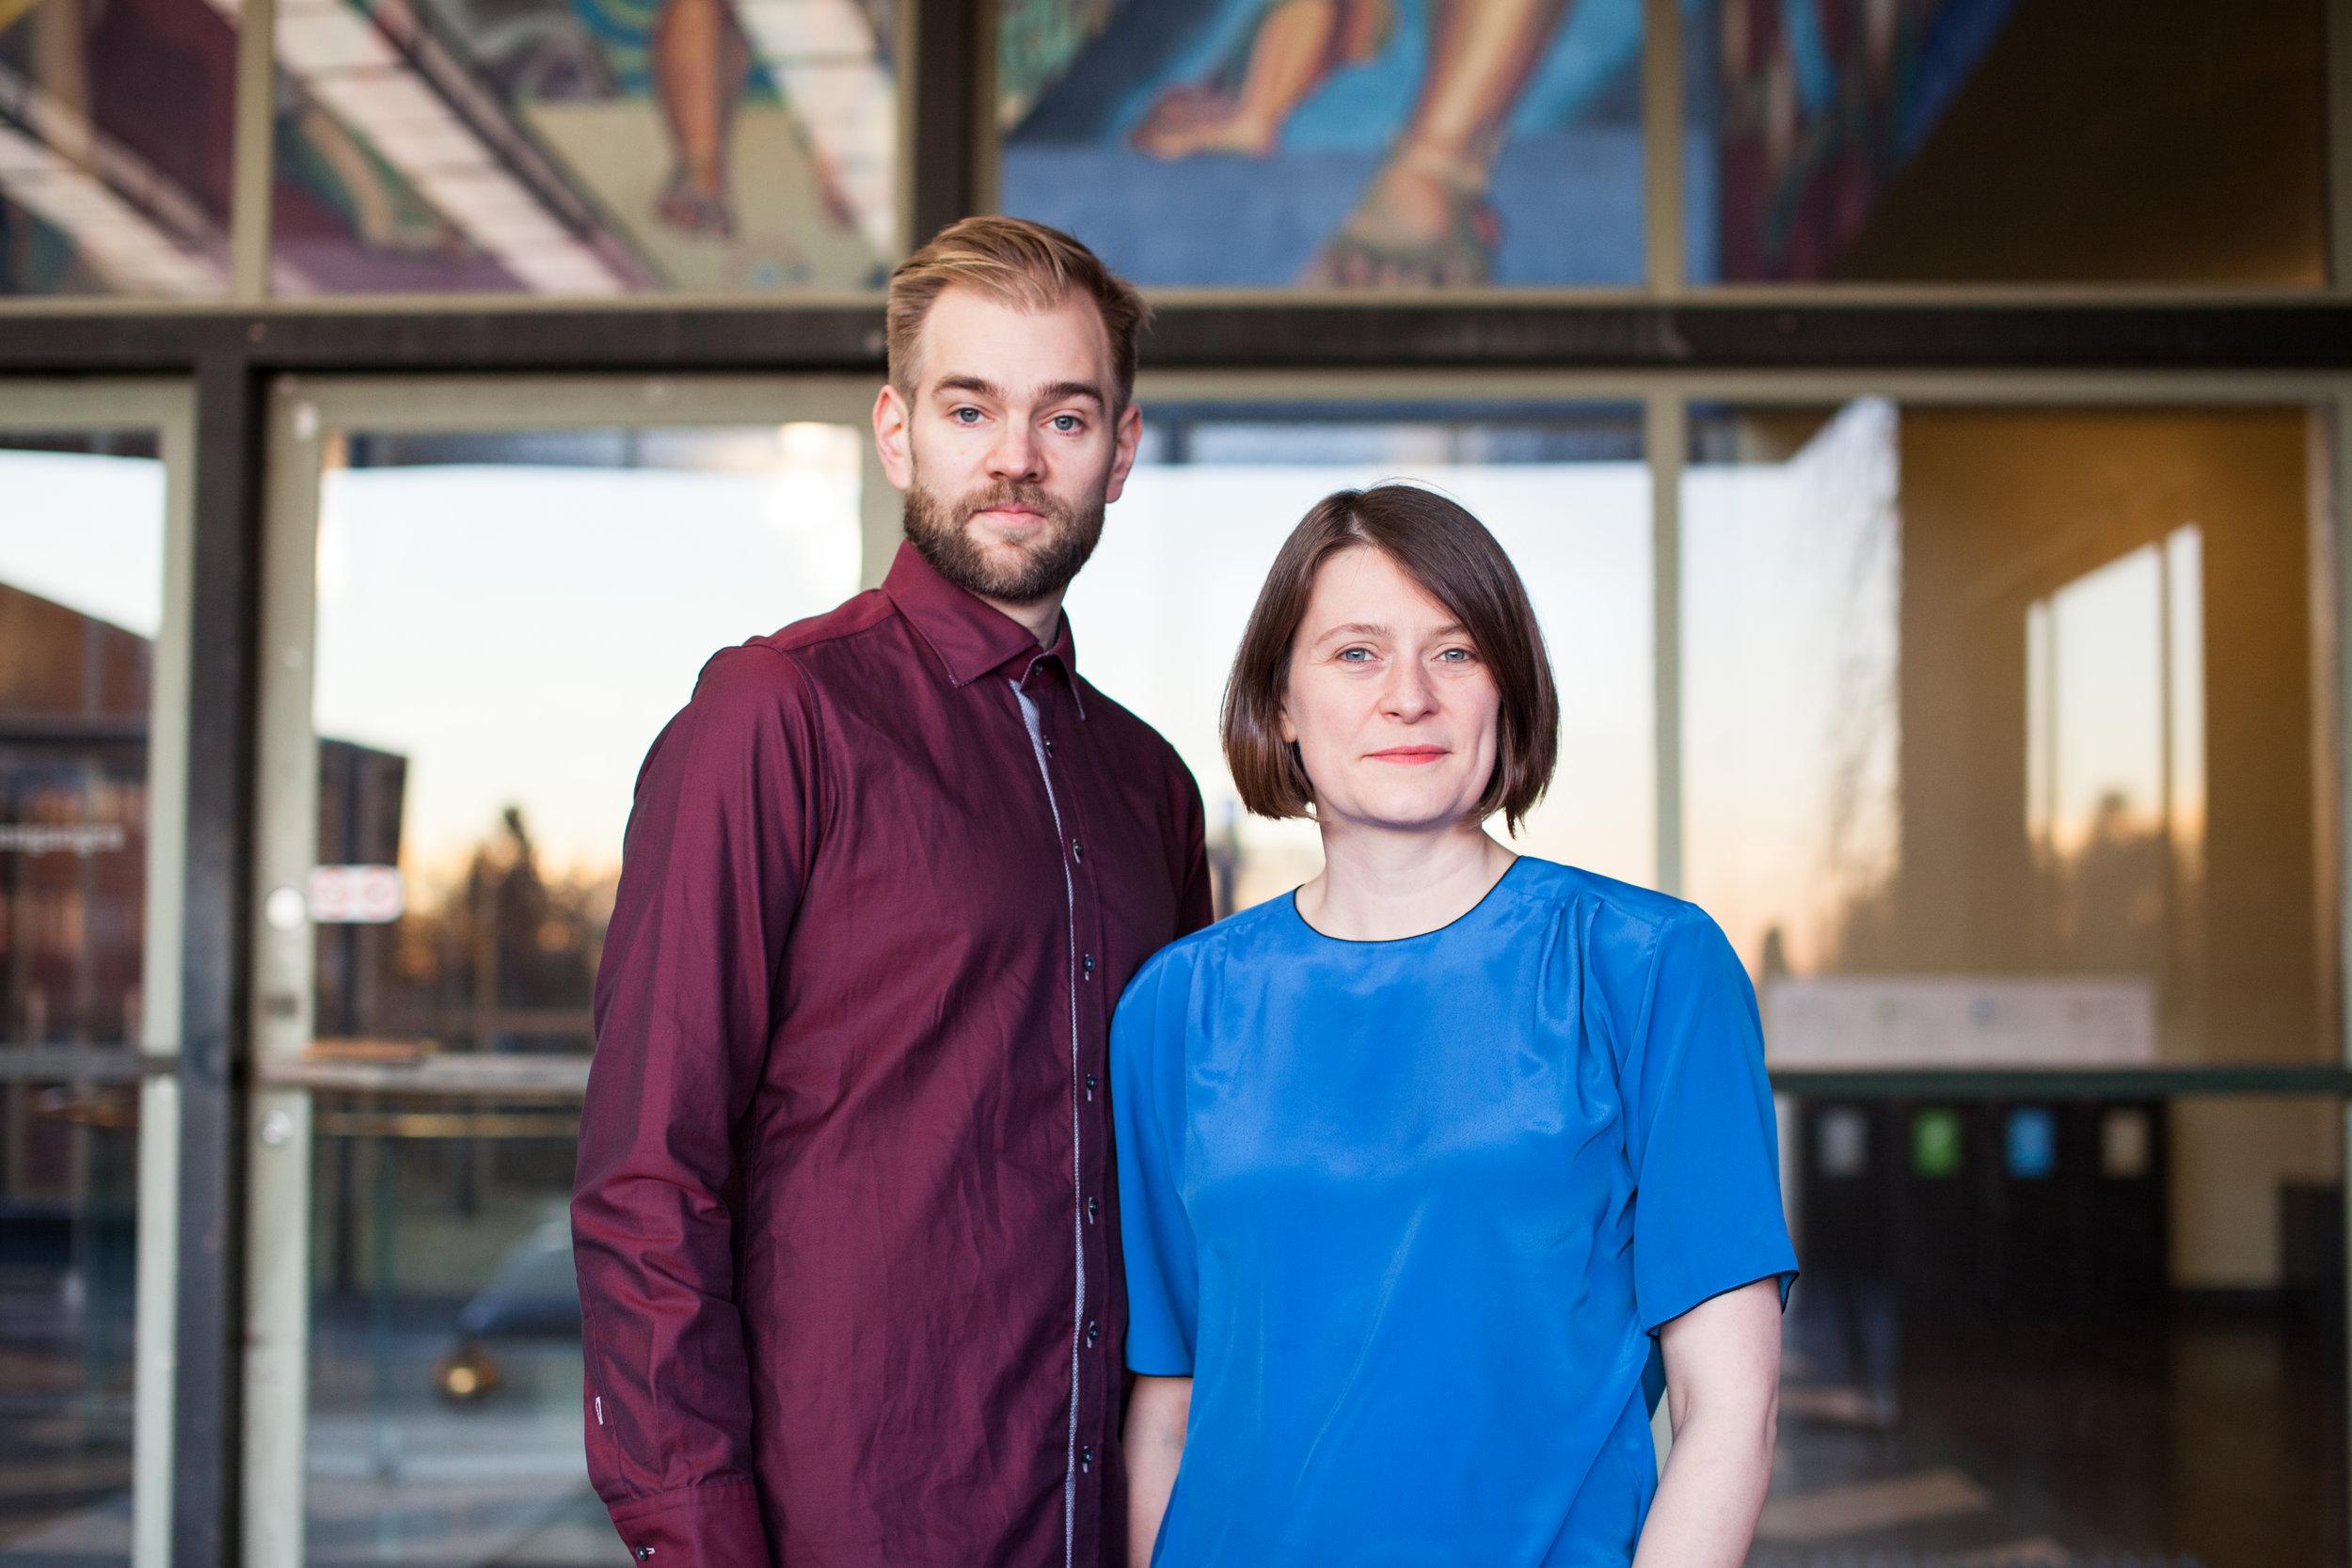 Sarah-J&Juhani_JBM_digital_print-4 ©Jenny Berger Myhre.jpg